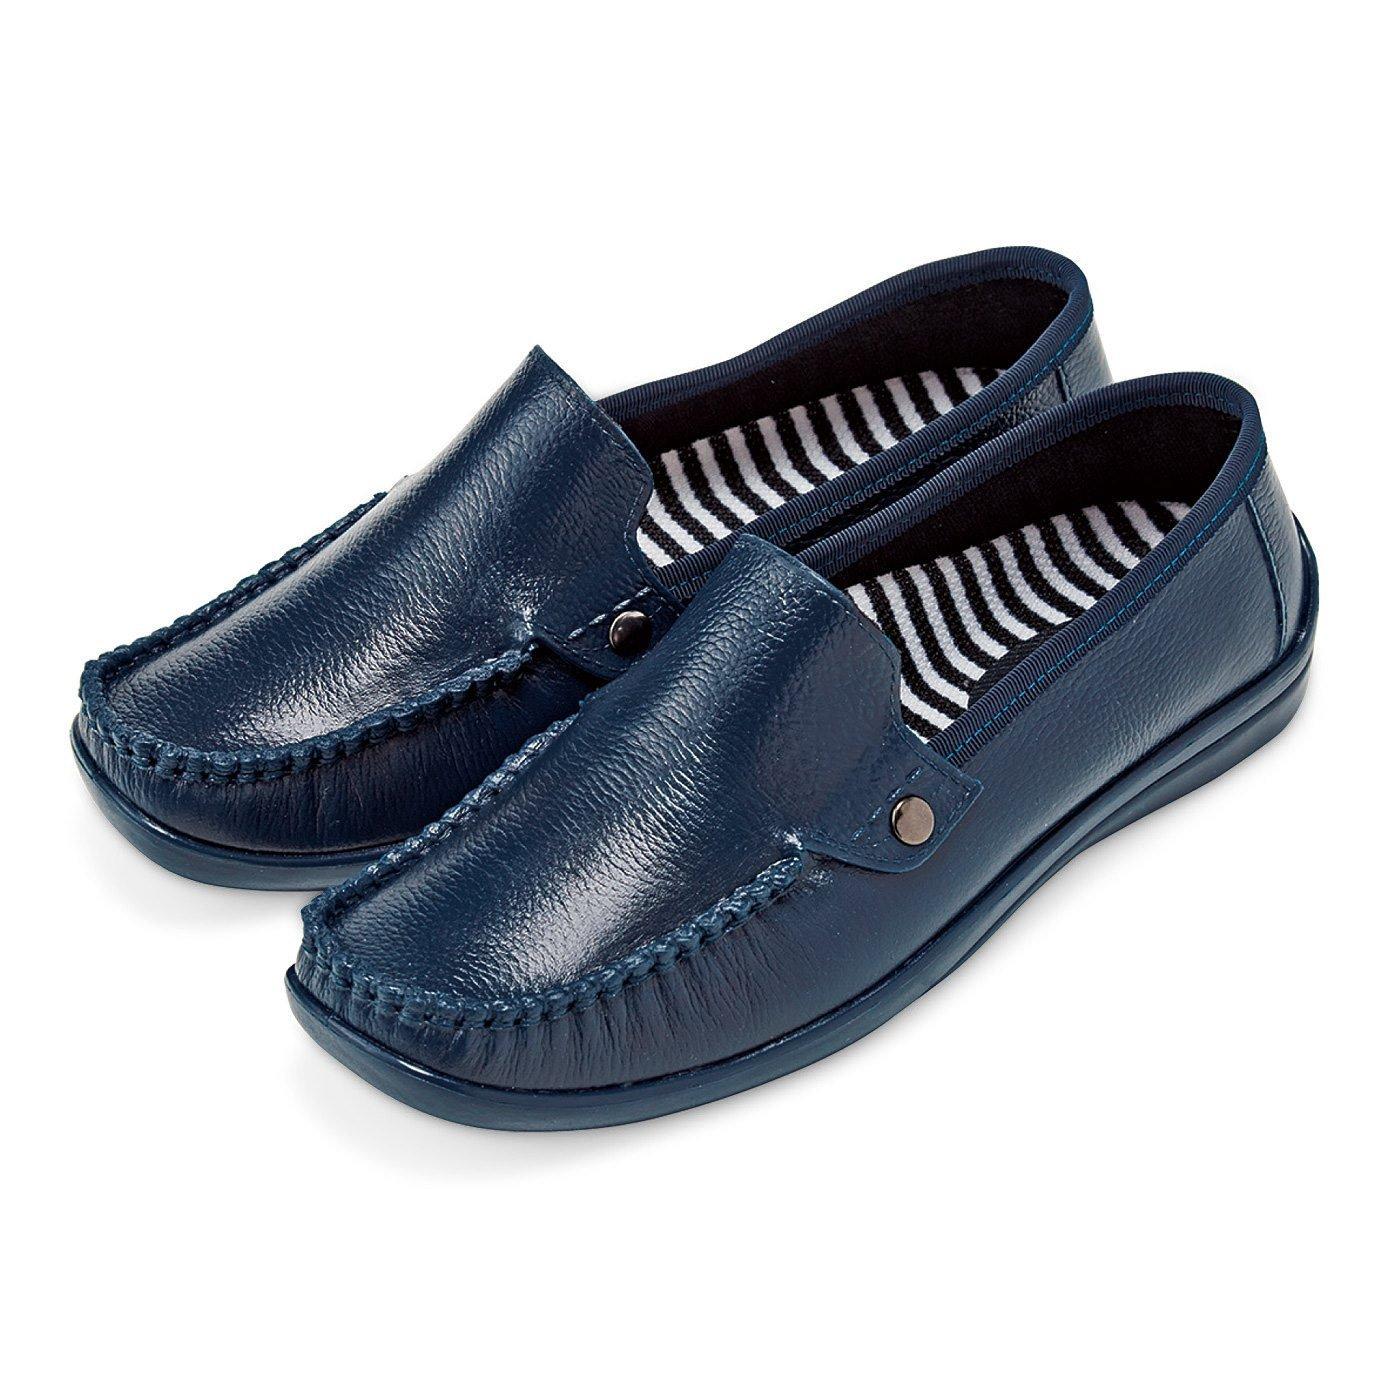 雨の日も気持ち晴れやか 革靴みたいな防水スリッポン〈ネイビー〉